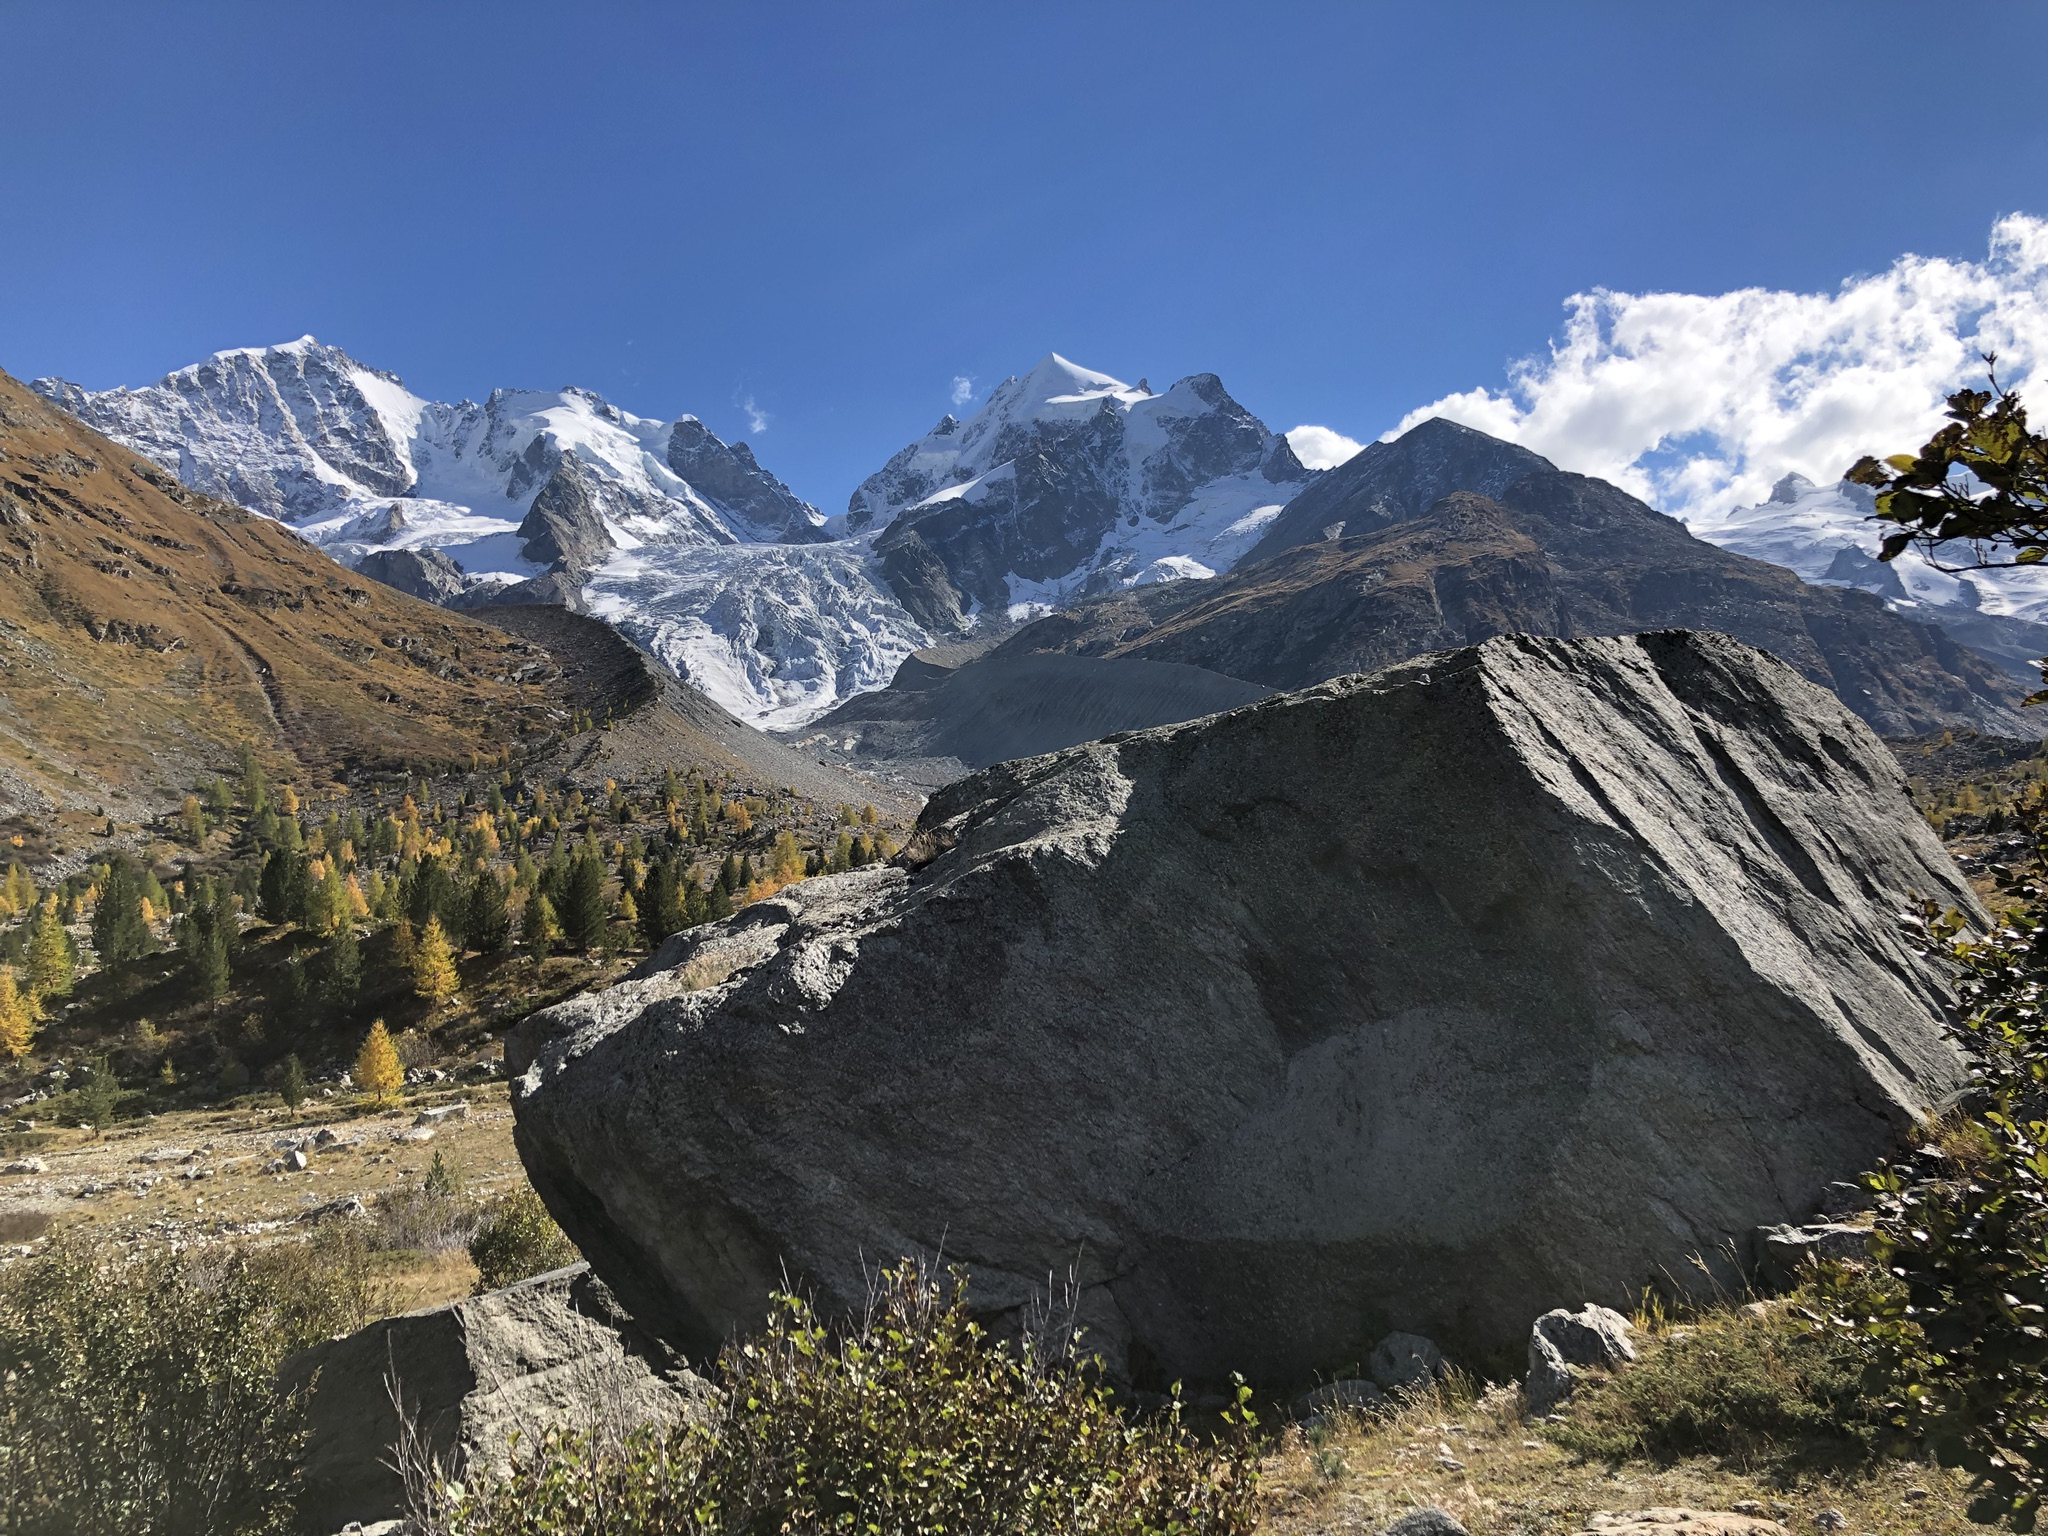 Val Roseg mit Blick auf Piz Bernina und Piz Roseg (Foto © Tom Pellny)